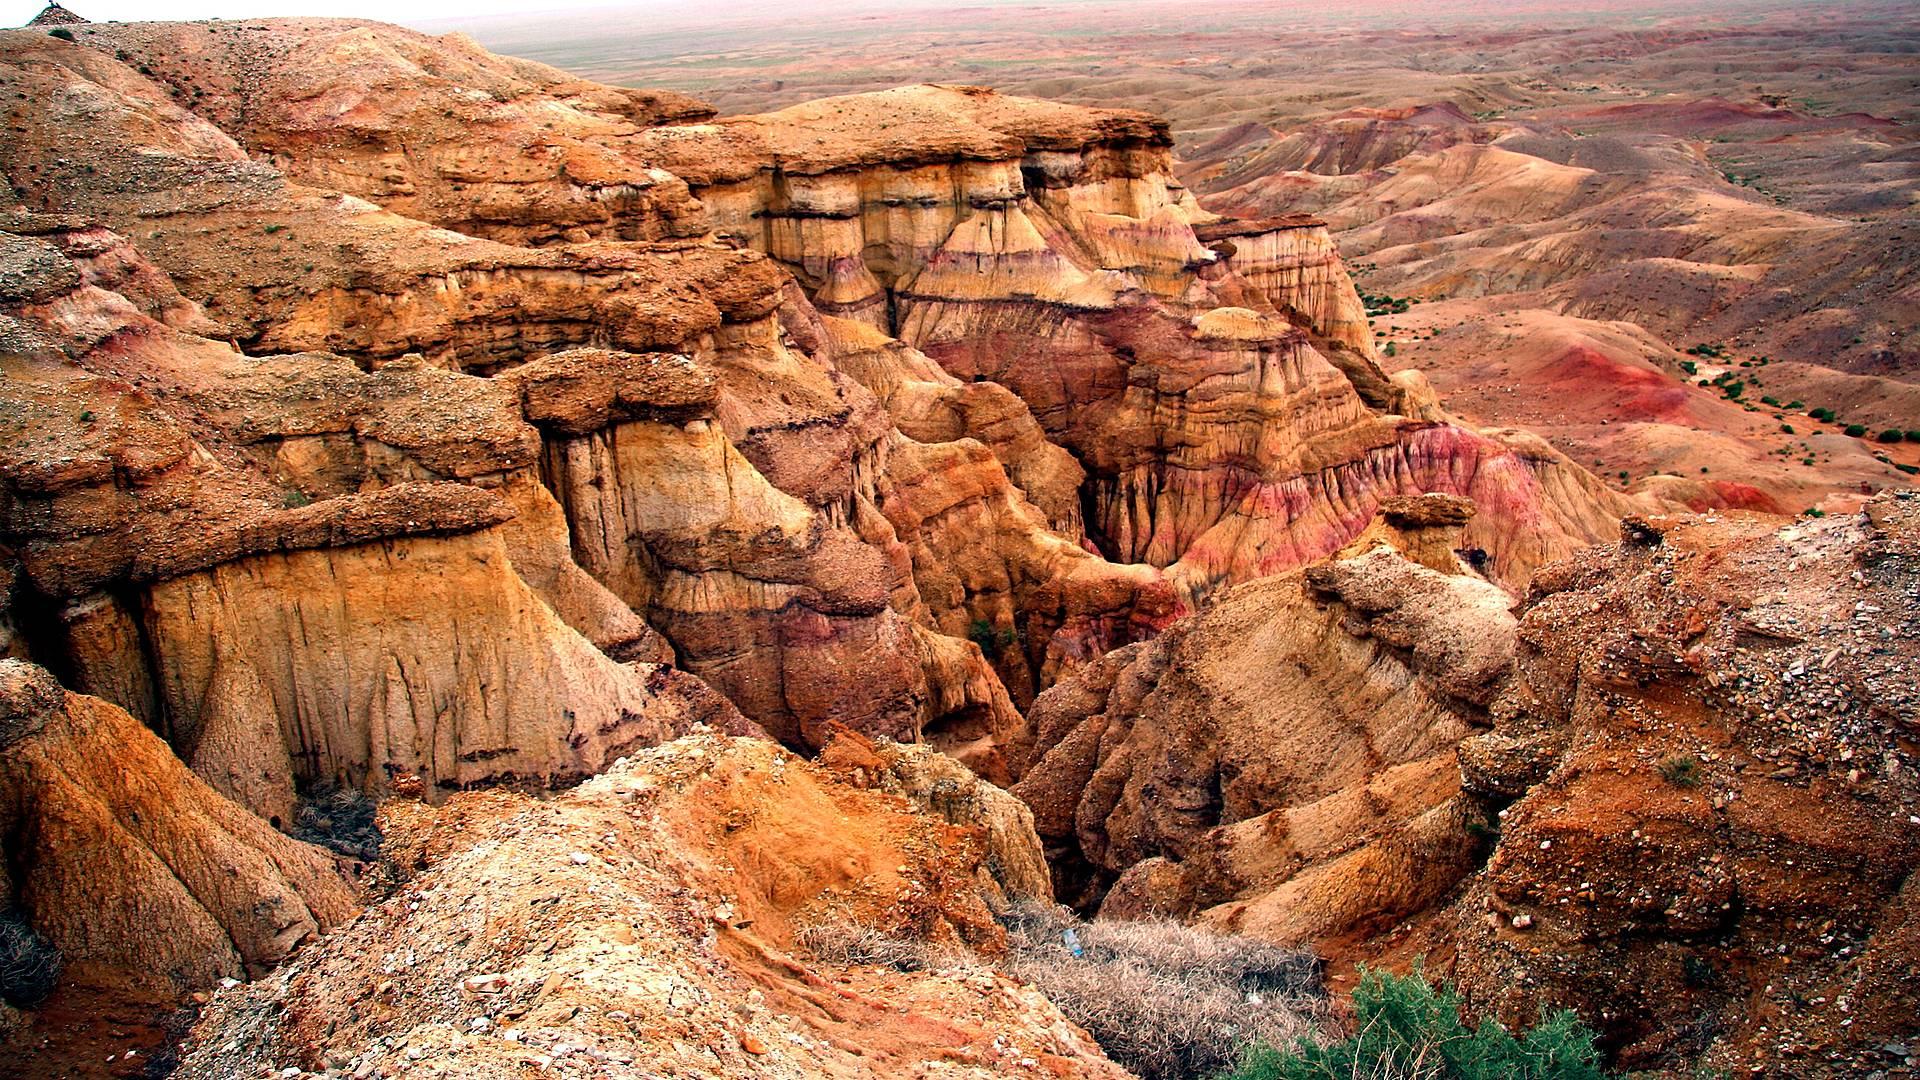 Desierto de Gobi y Estepa Central